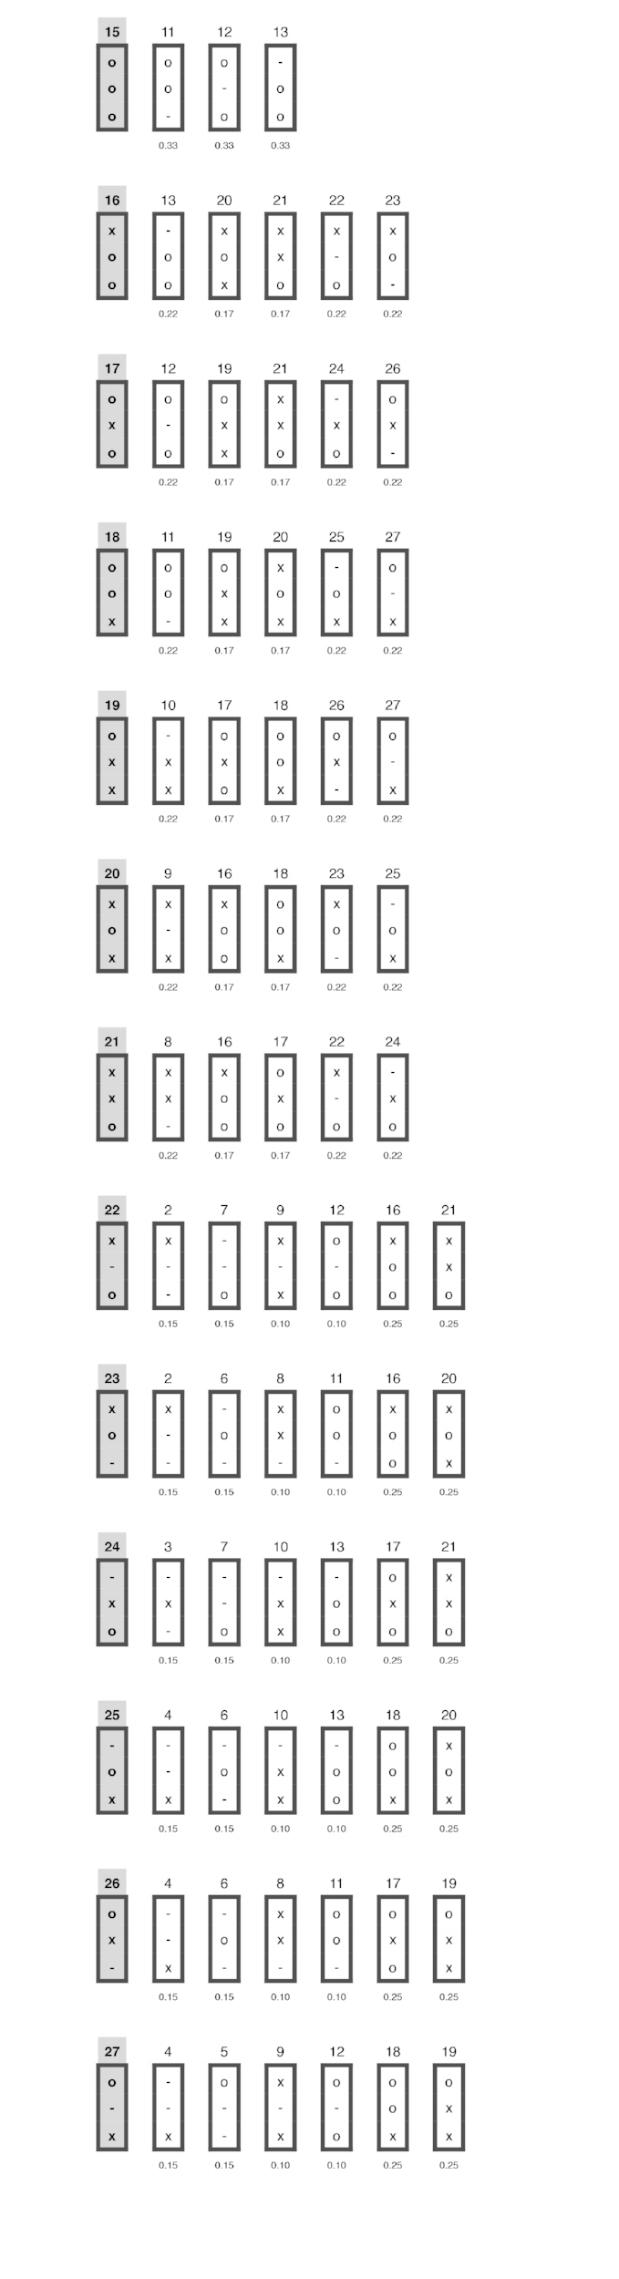 PercussionTrioMarkov (1) copy 3.jpg